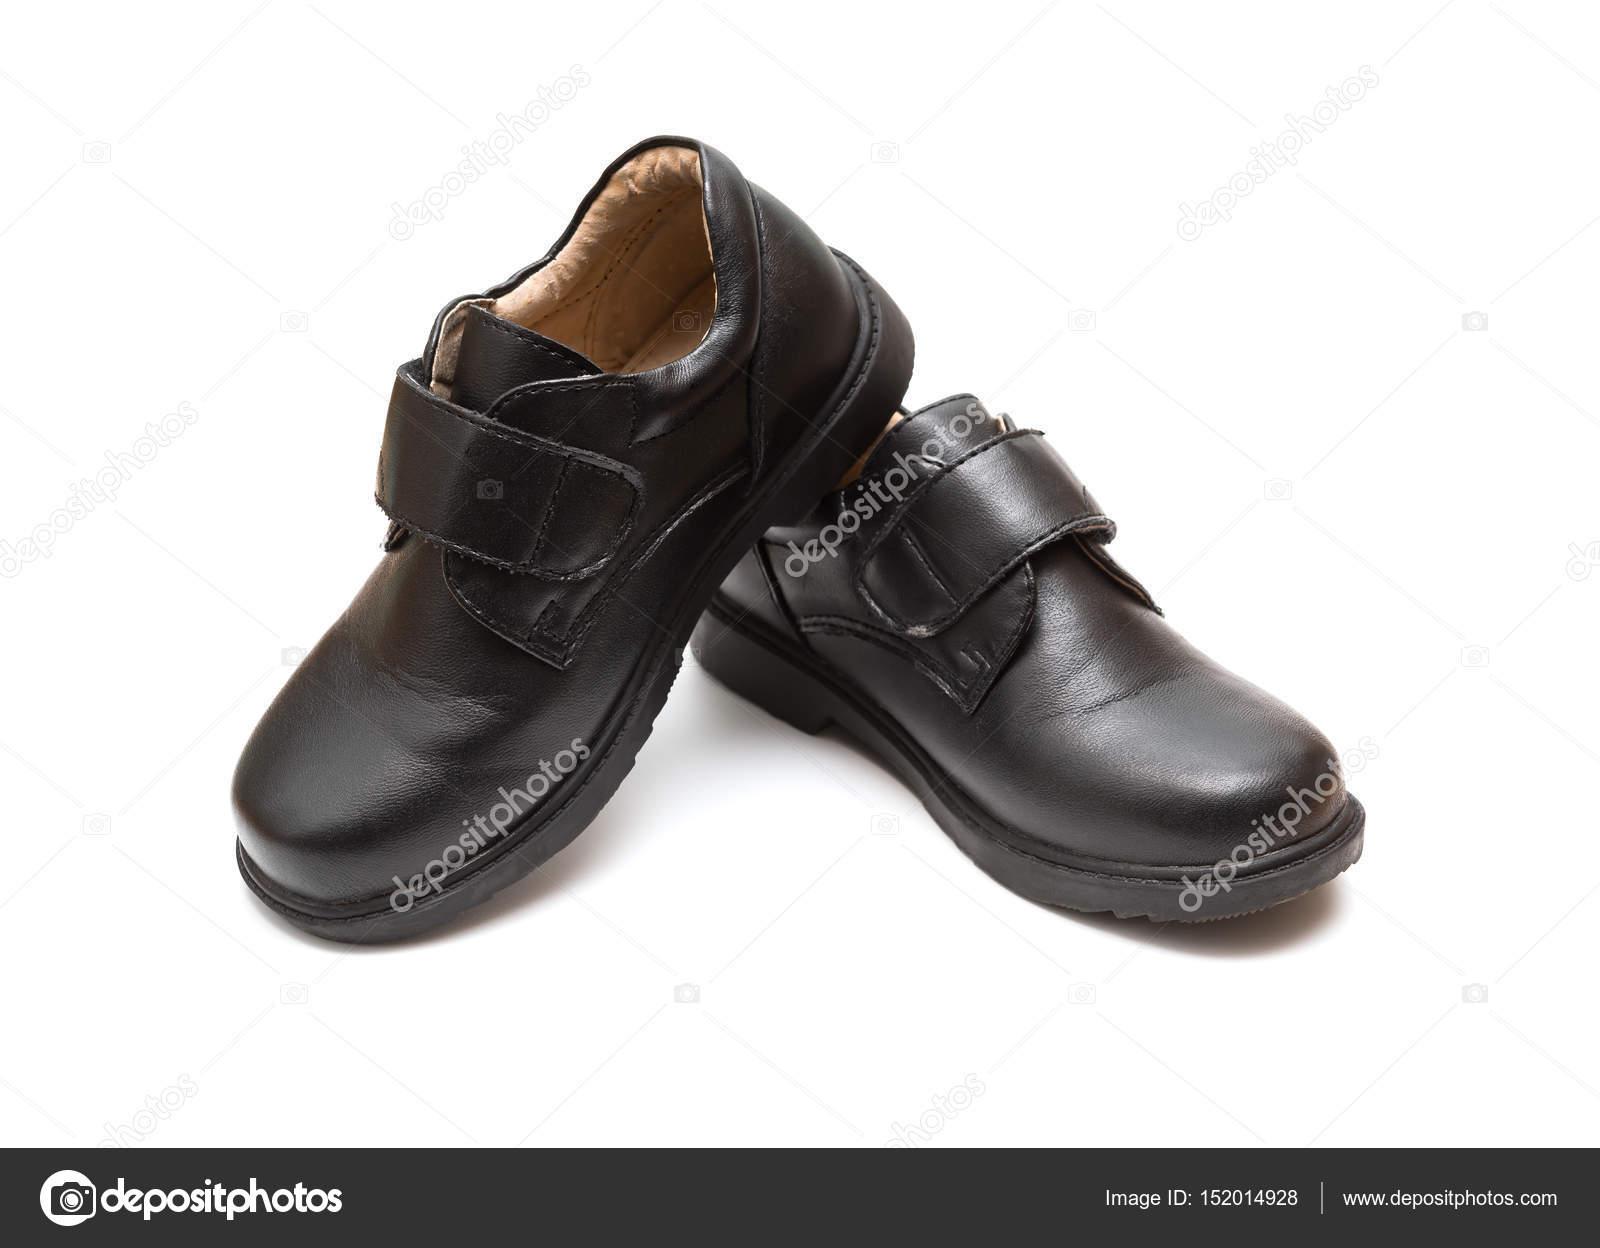 De Cuir Paire Noir Pour Blanc Enfants En Fond Chaussure Sur QtCBhrsdx